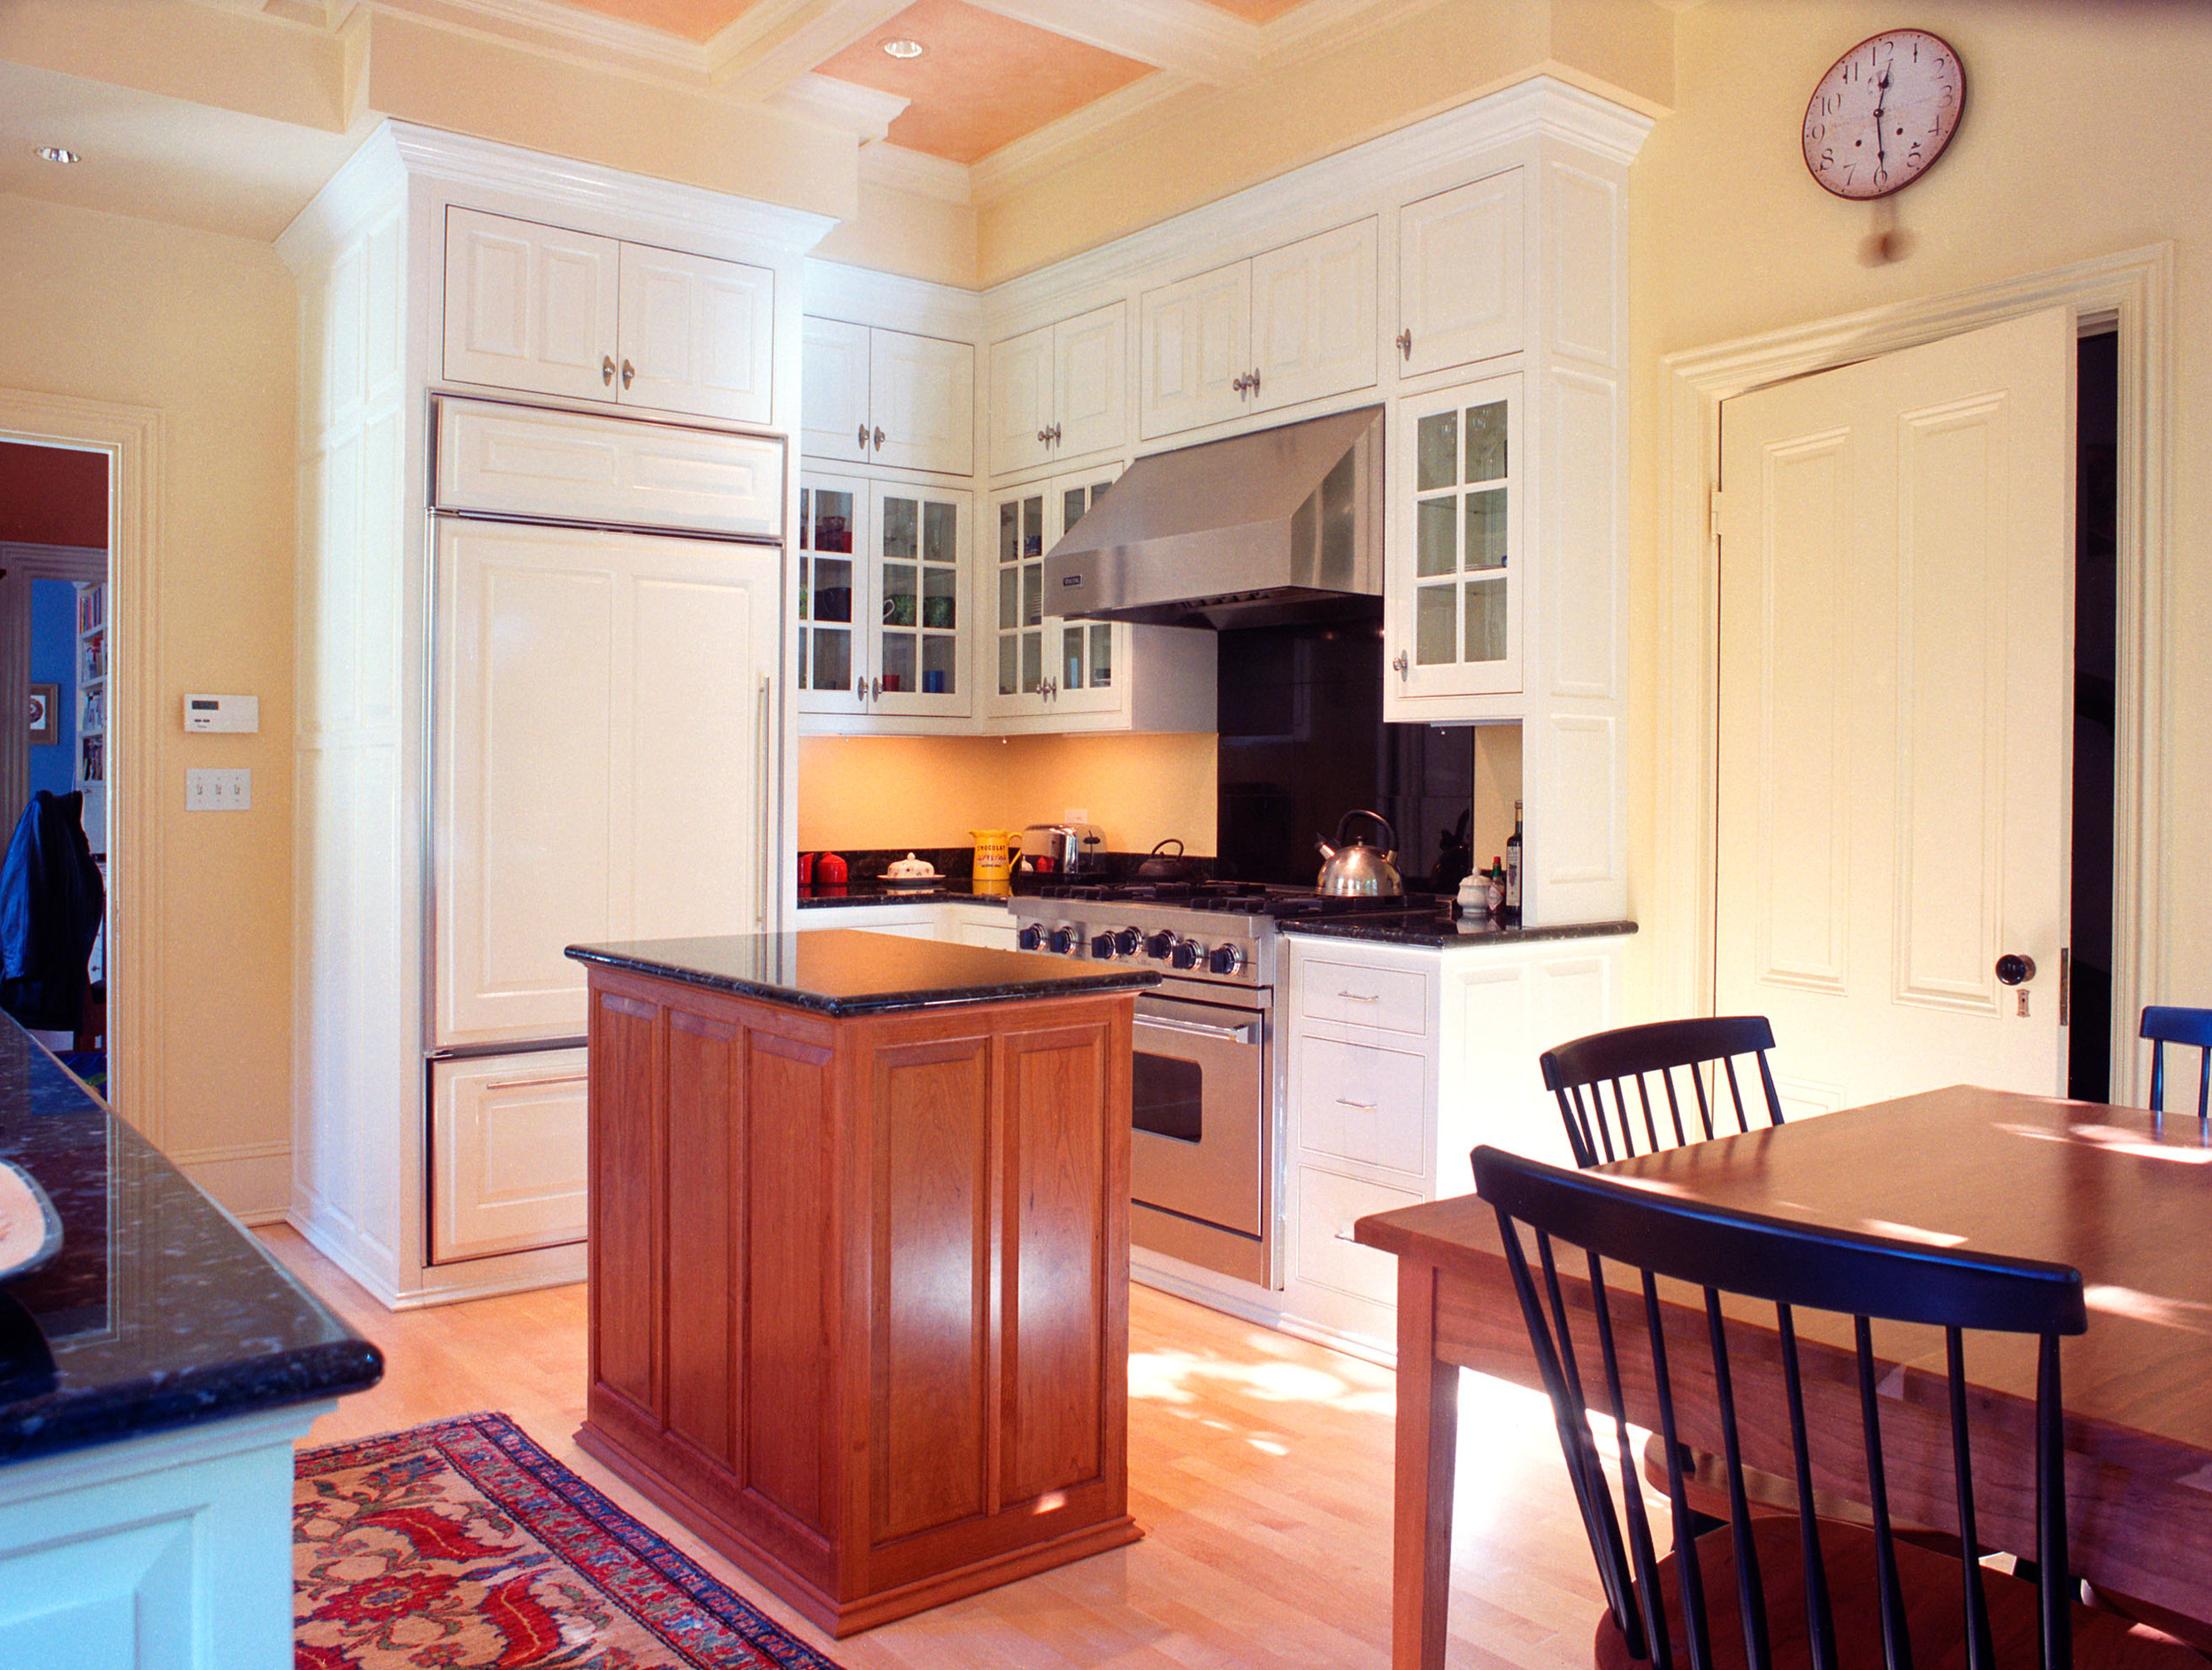 kitchen2.sp.jpg